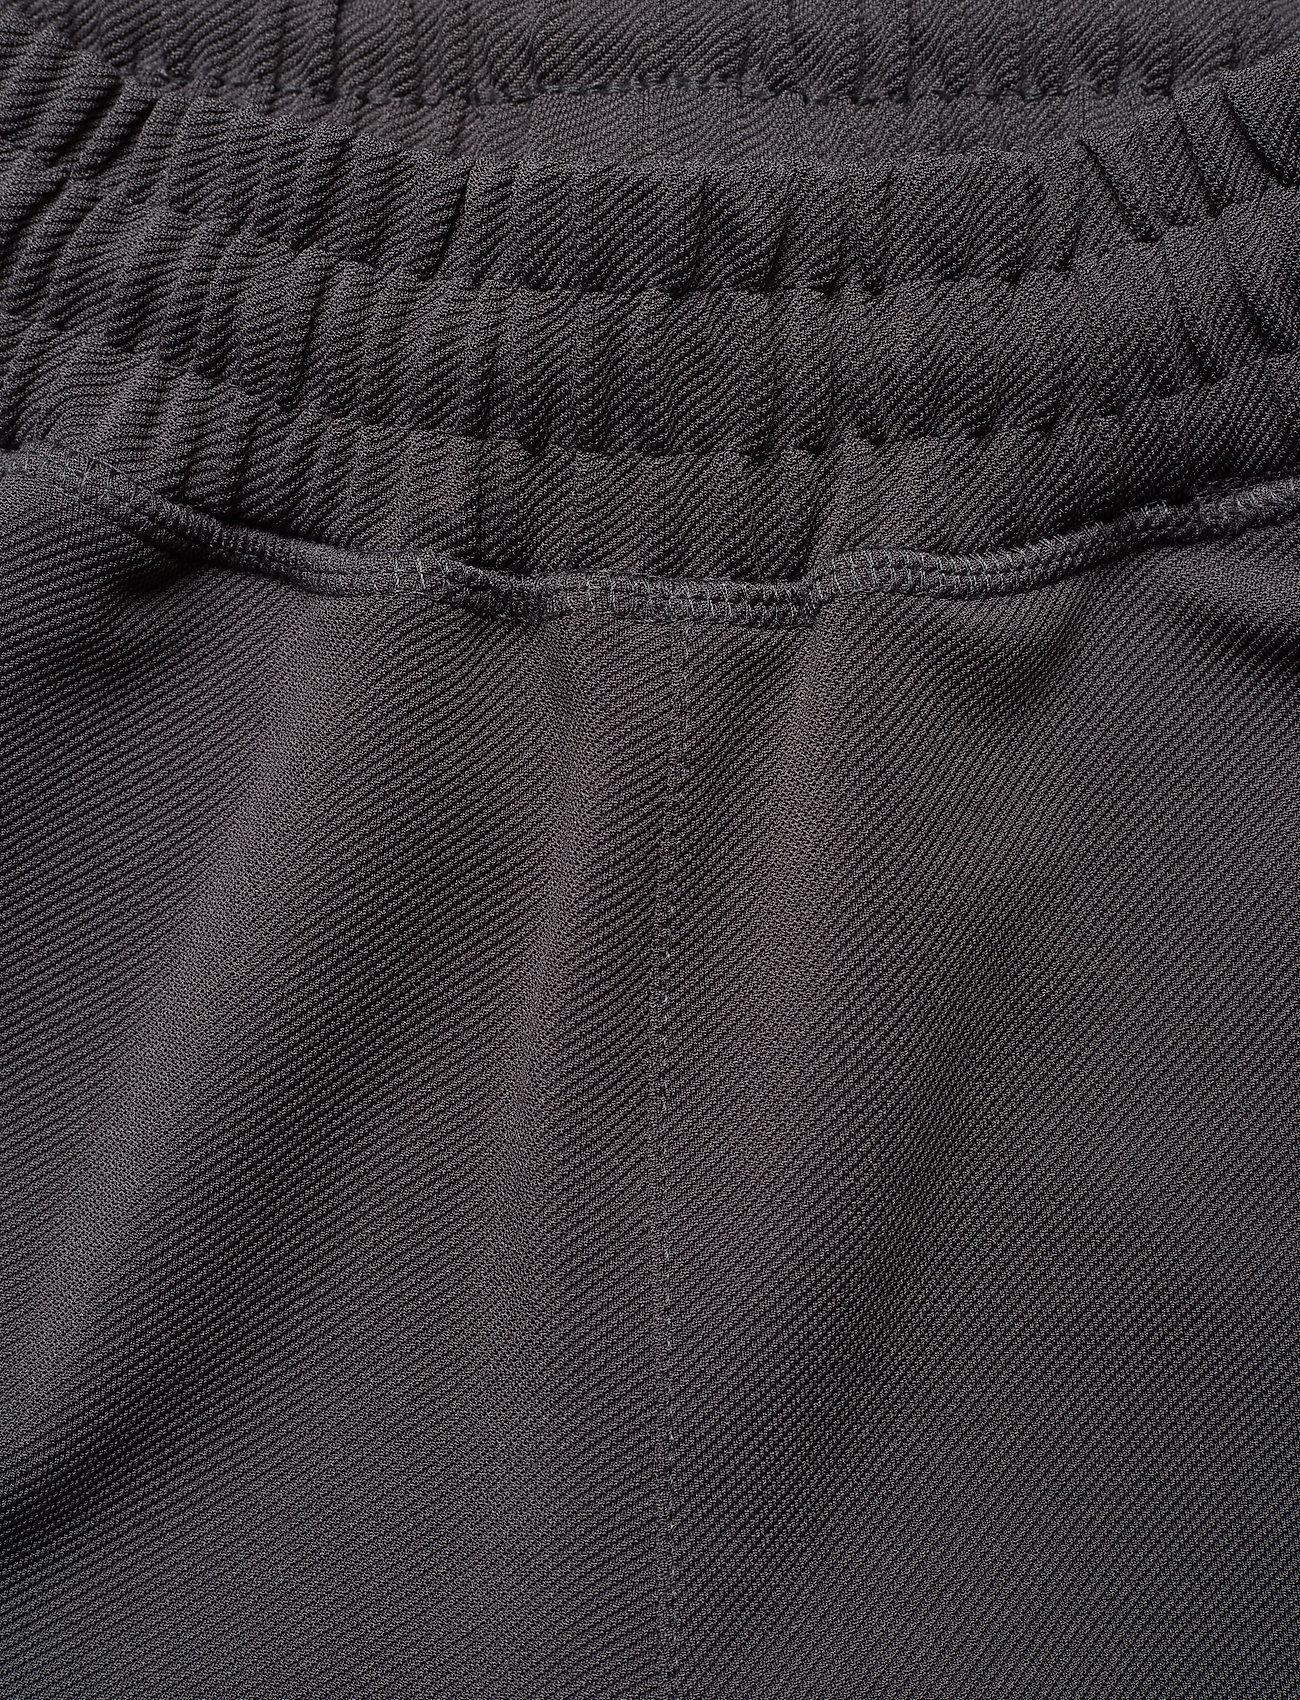 HAN Kjøbenhavn - Tights - kleding - grey - 3